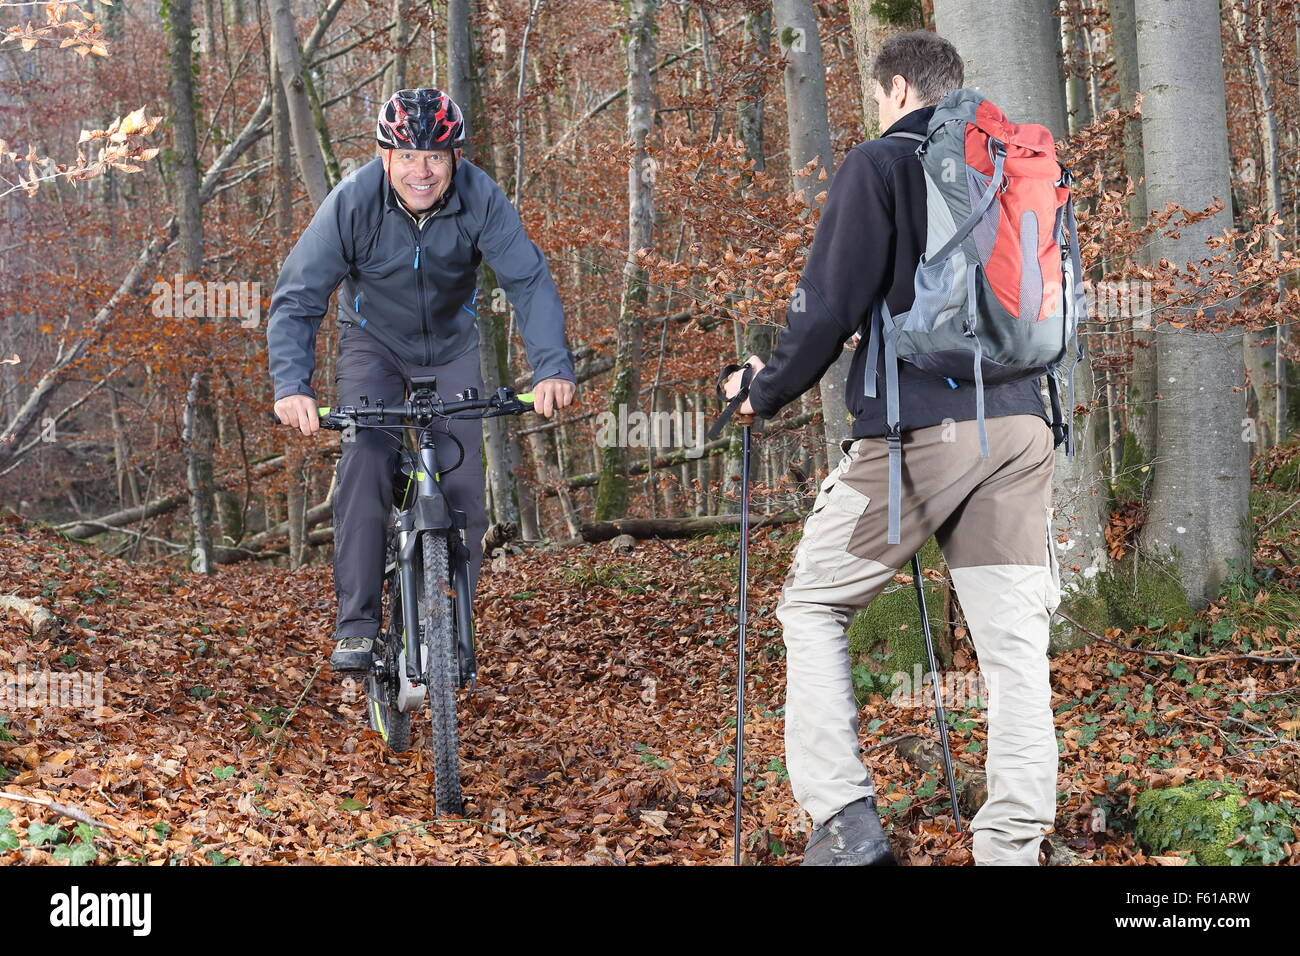 A Hiker meetin a mountain biker - Stock Image